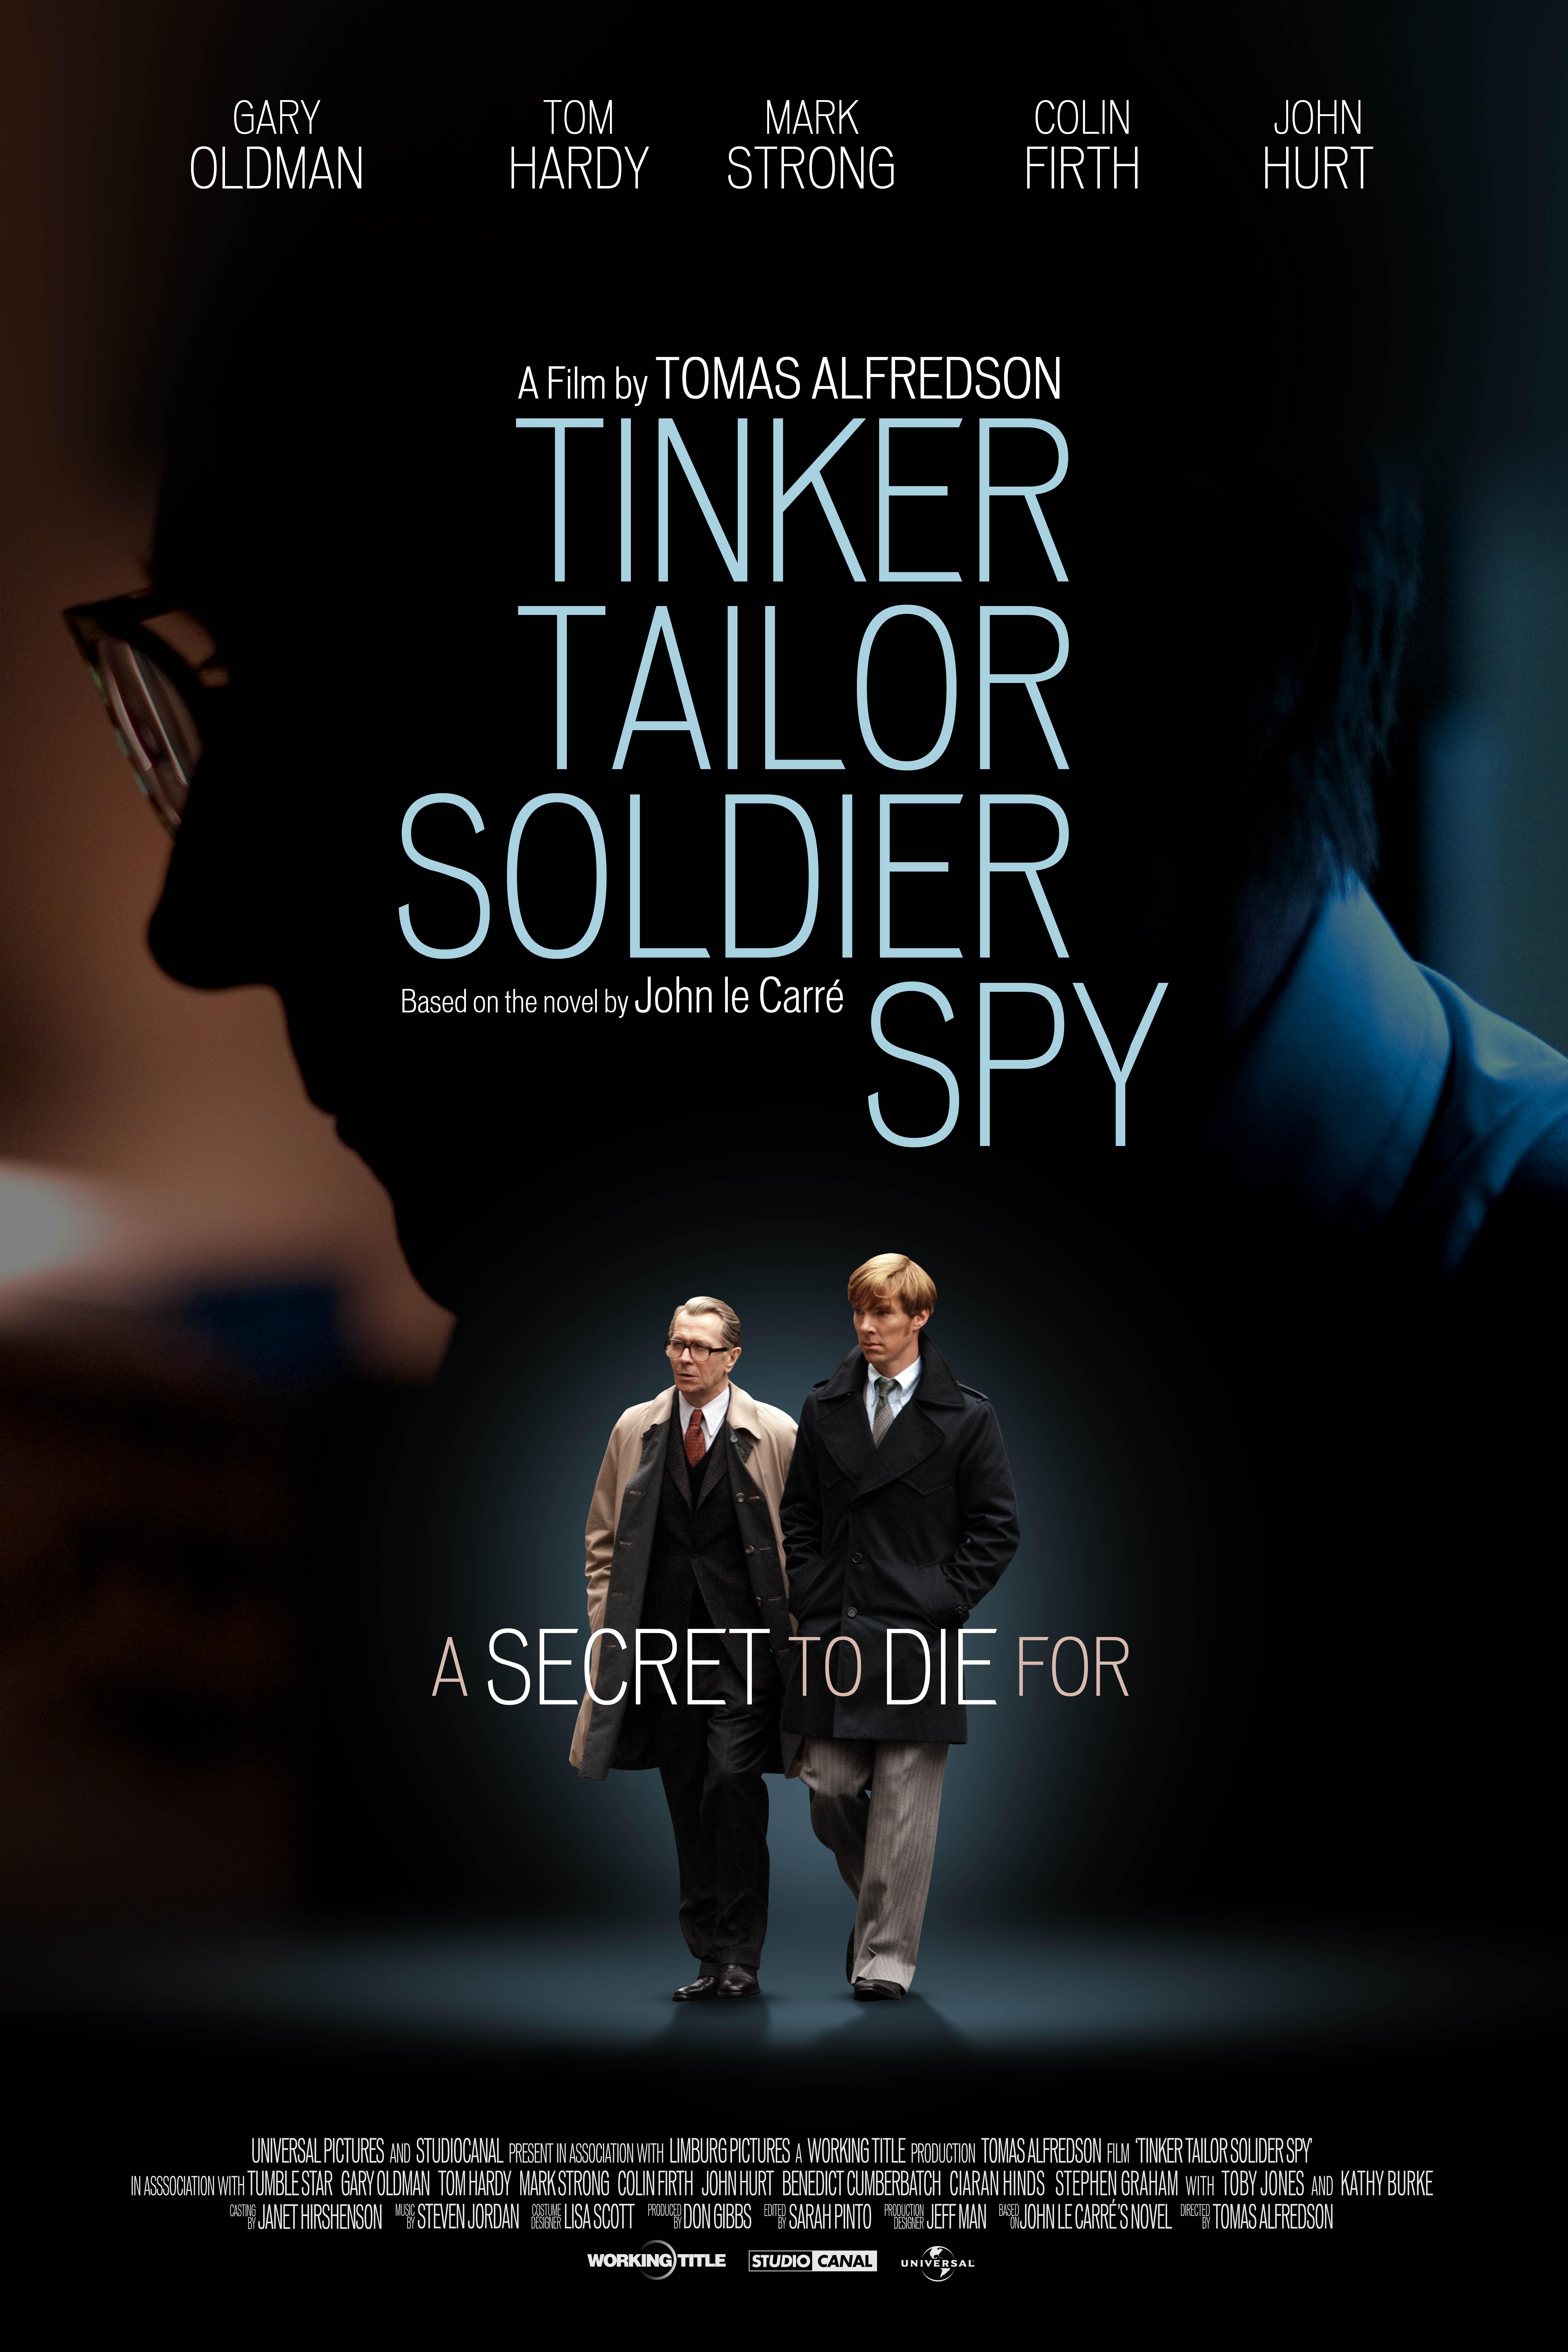 Tinker Tailor Solider Spy